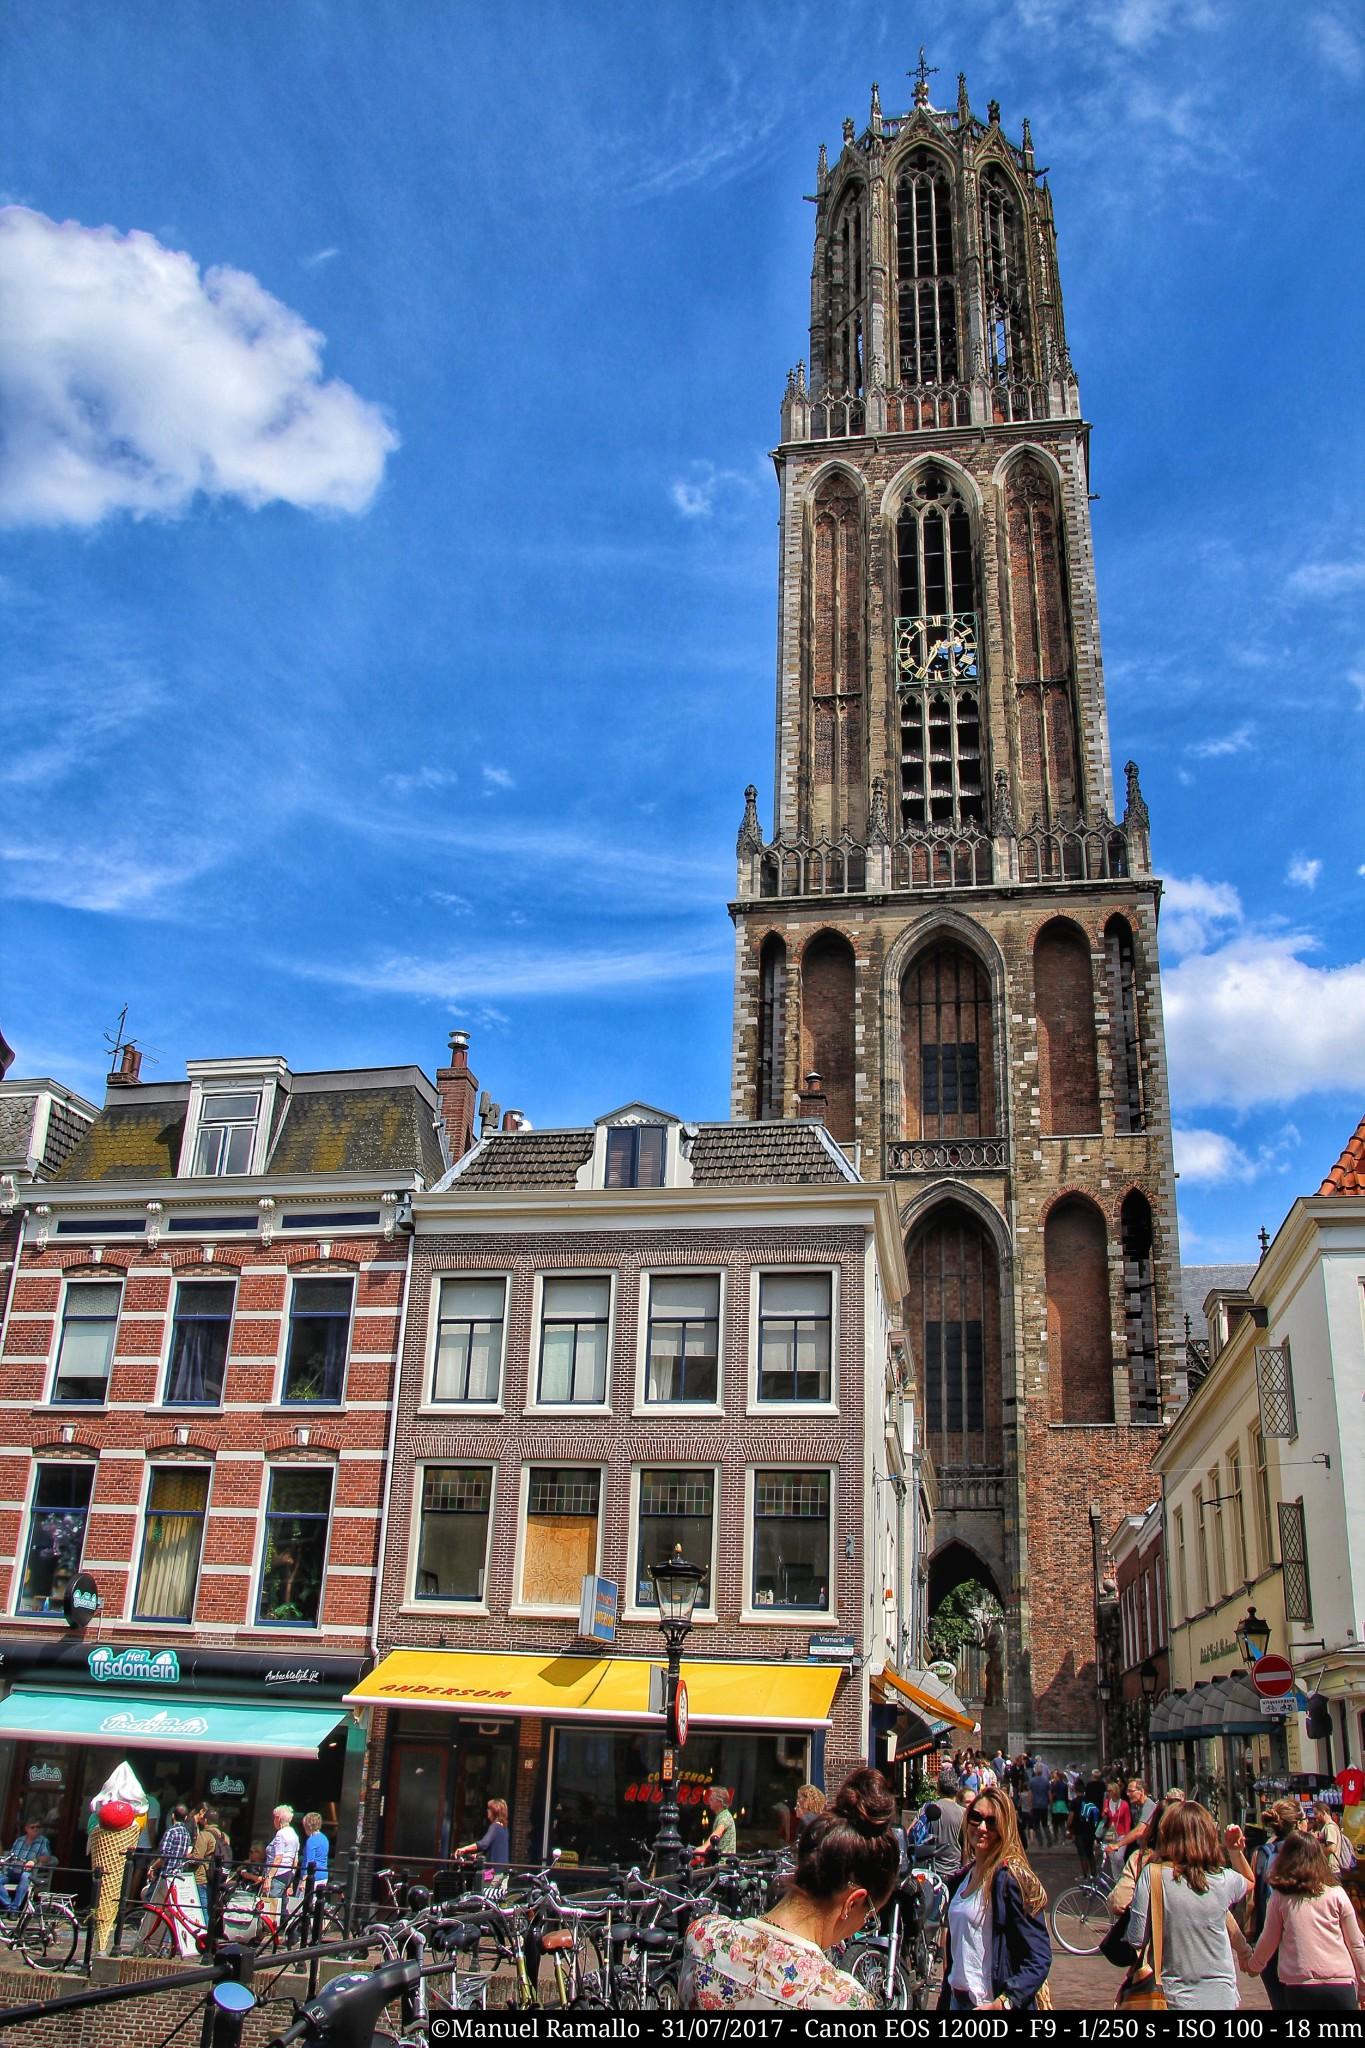 utrecht-holanda-paises-bajos-netherland